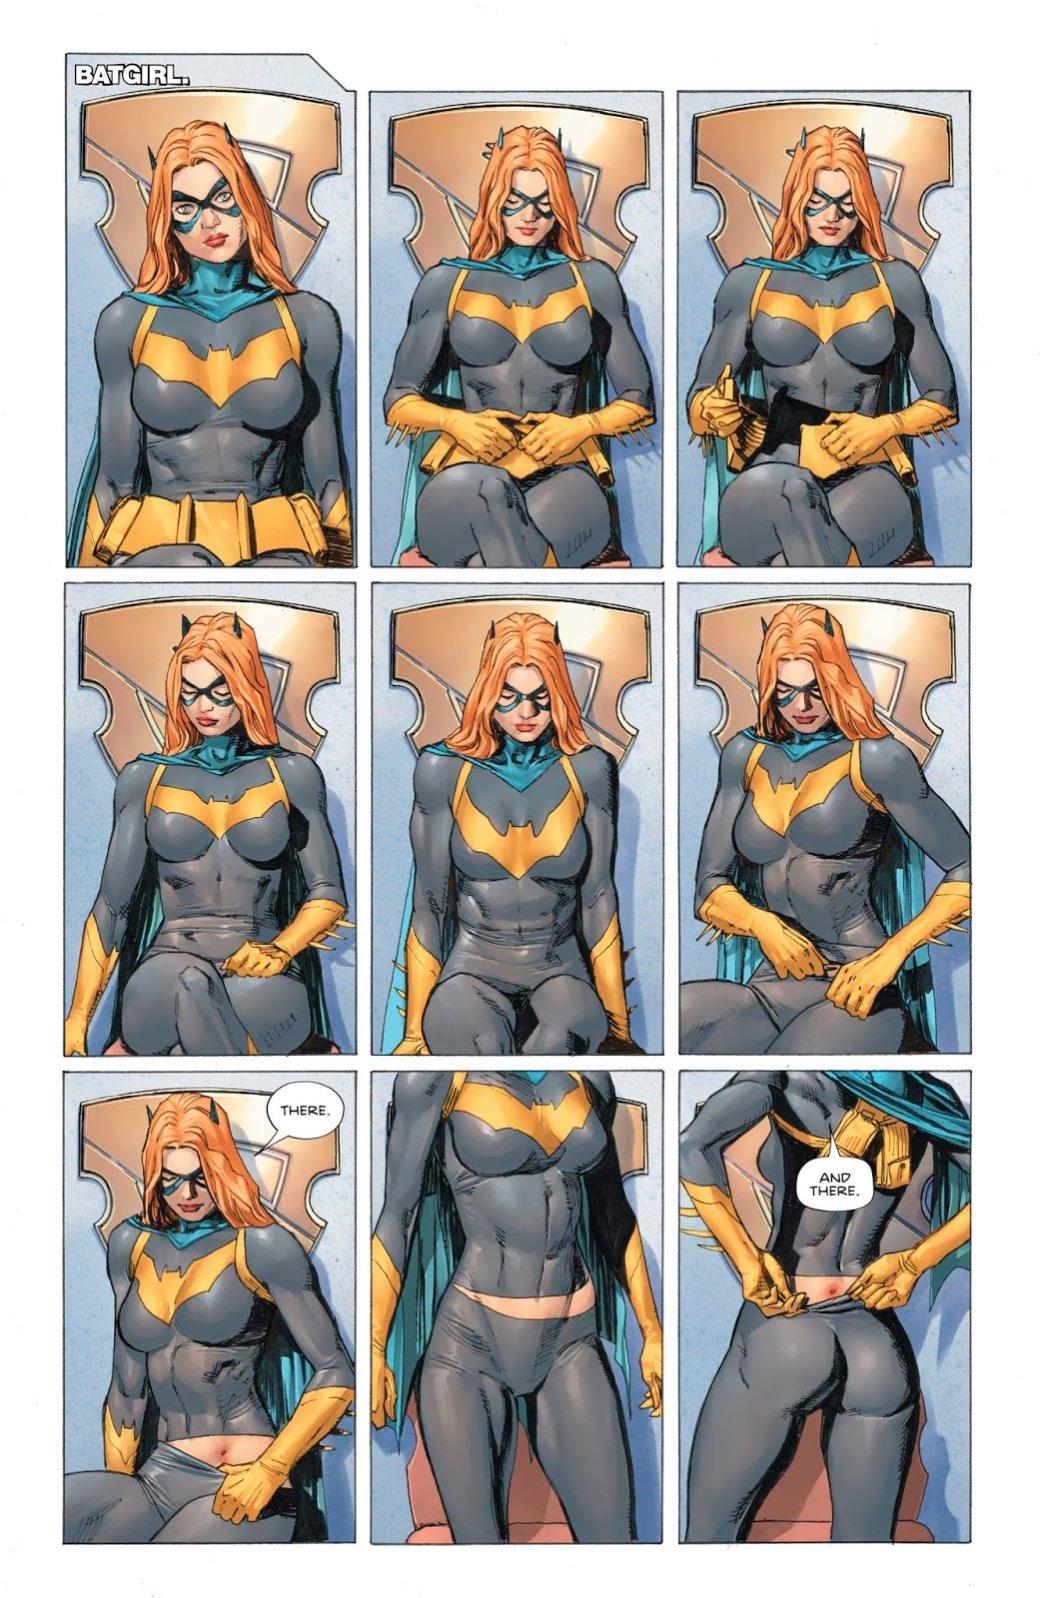 Heroes inCrisis: последствия поступков супергероев | Канобу - Изображение 956